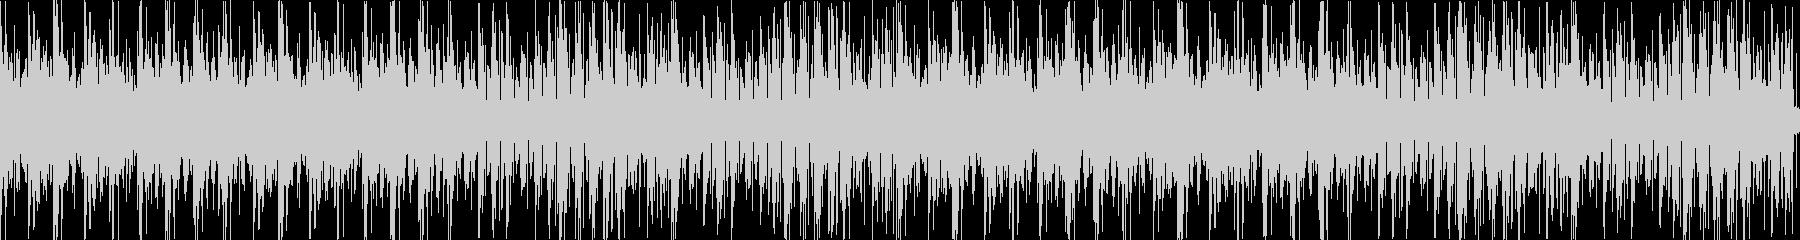 まったりとしたエレクトロ風味のボサノバの未再生の波形